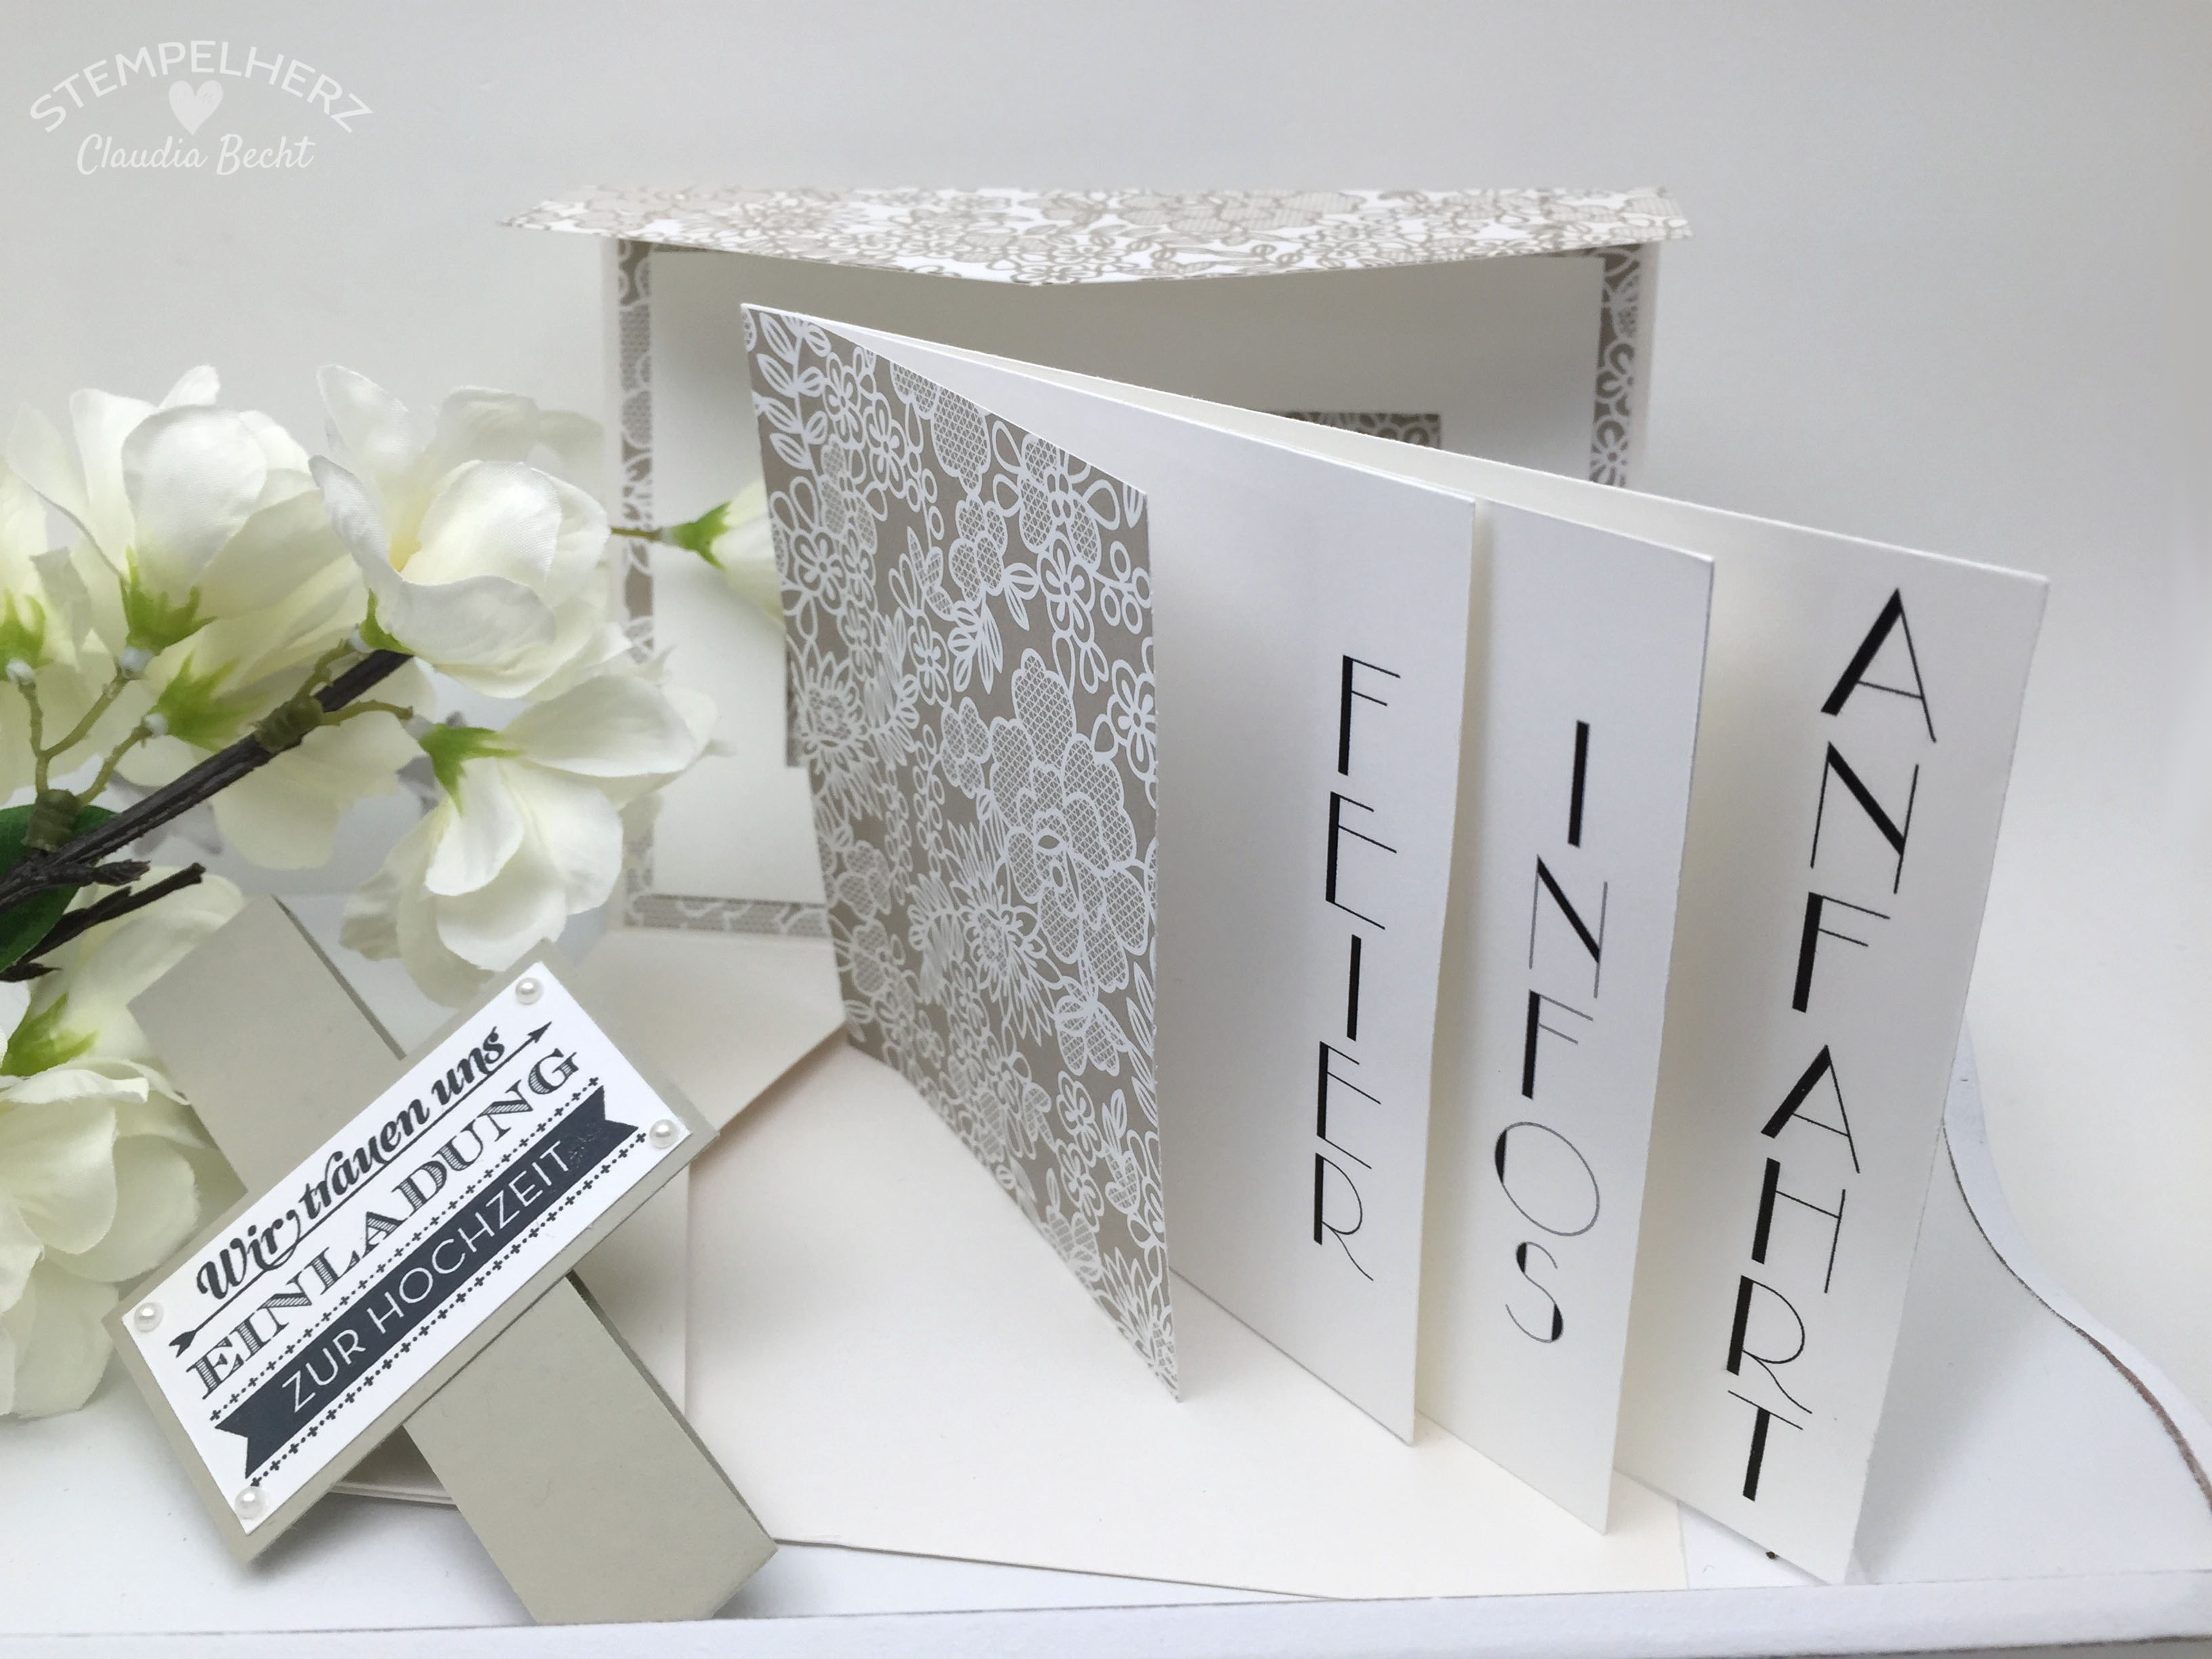 Perfekt Stampin Up Stempelherz Hochzeitseinladung Hochzeitskarte Hochzeit Karte  Einladung Hochzeitseinladung